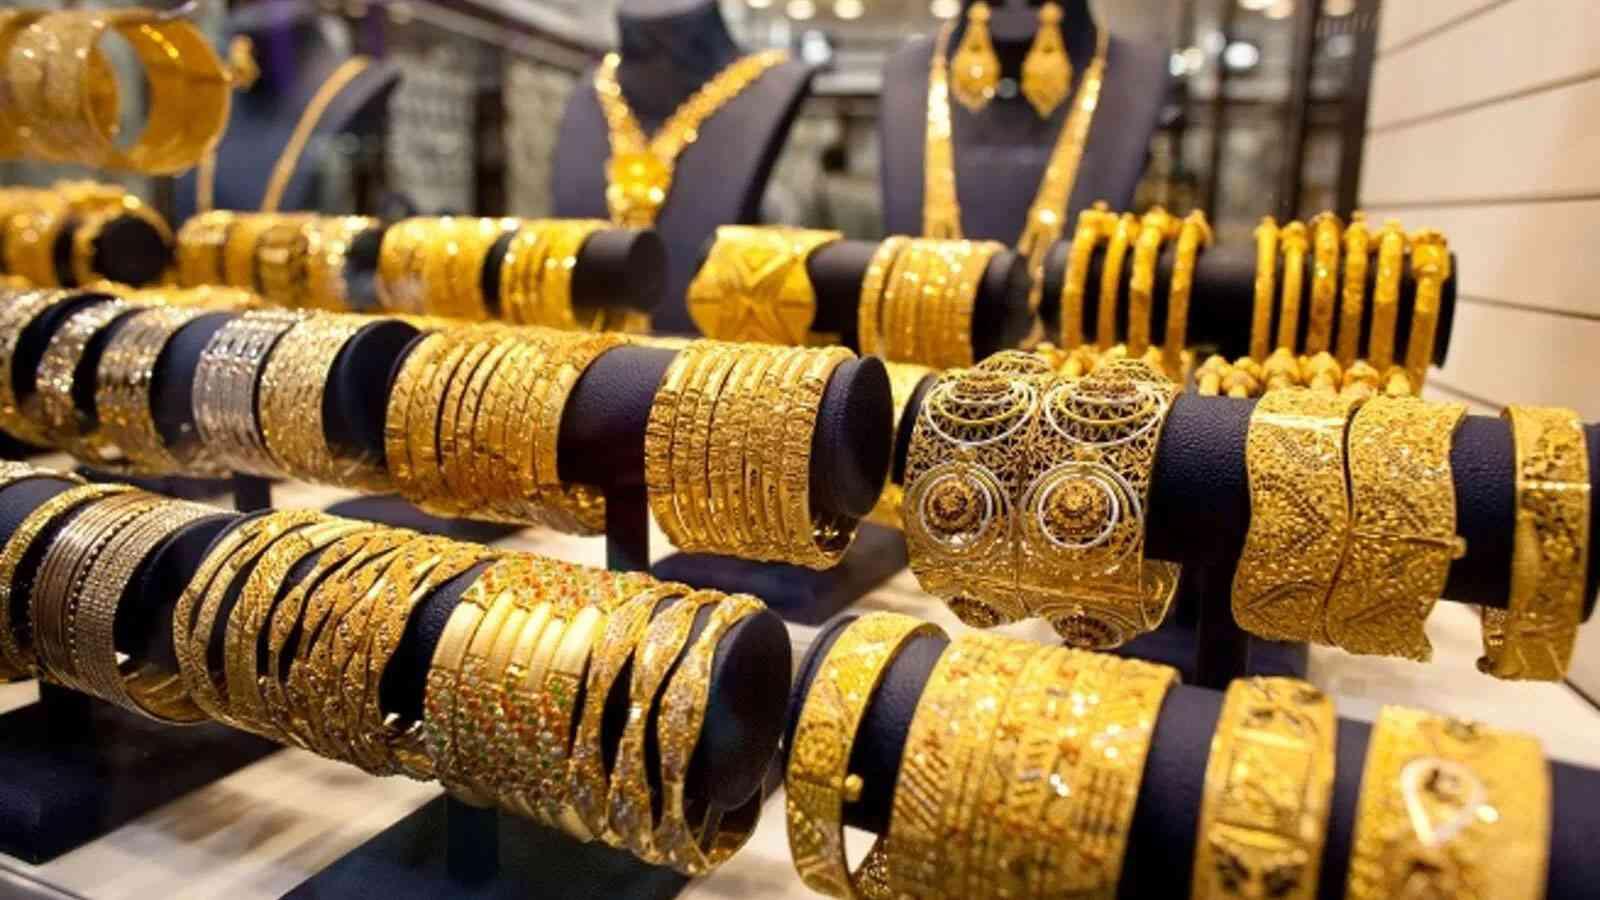 أسعار الذهب في مصر اليوم الاقتصادي العالم اليوم البيان